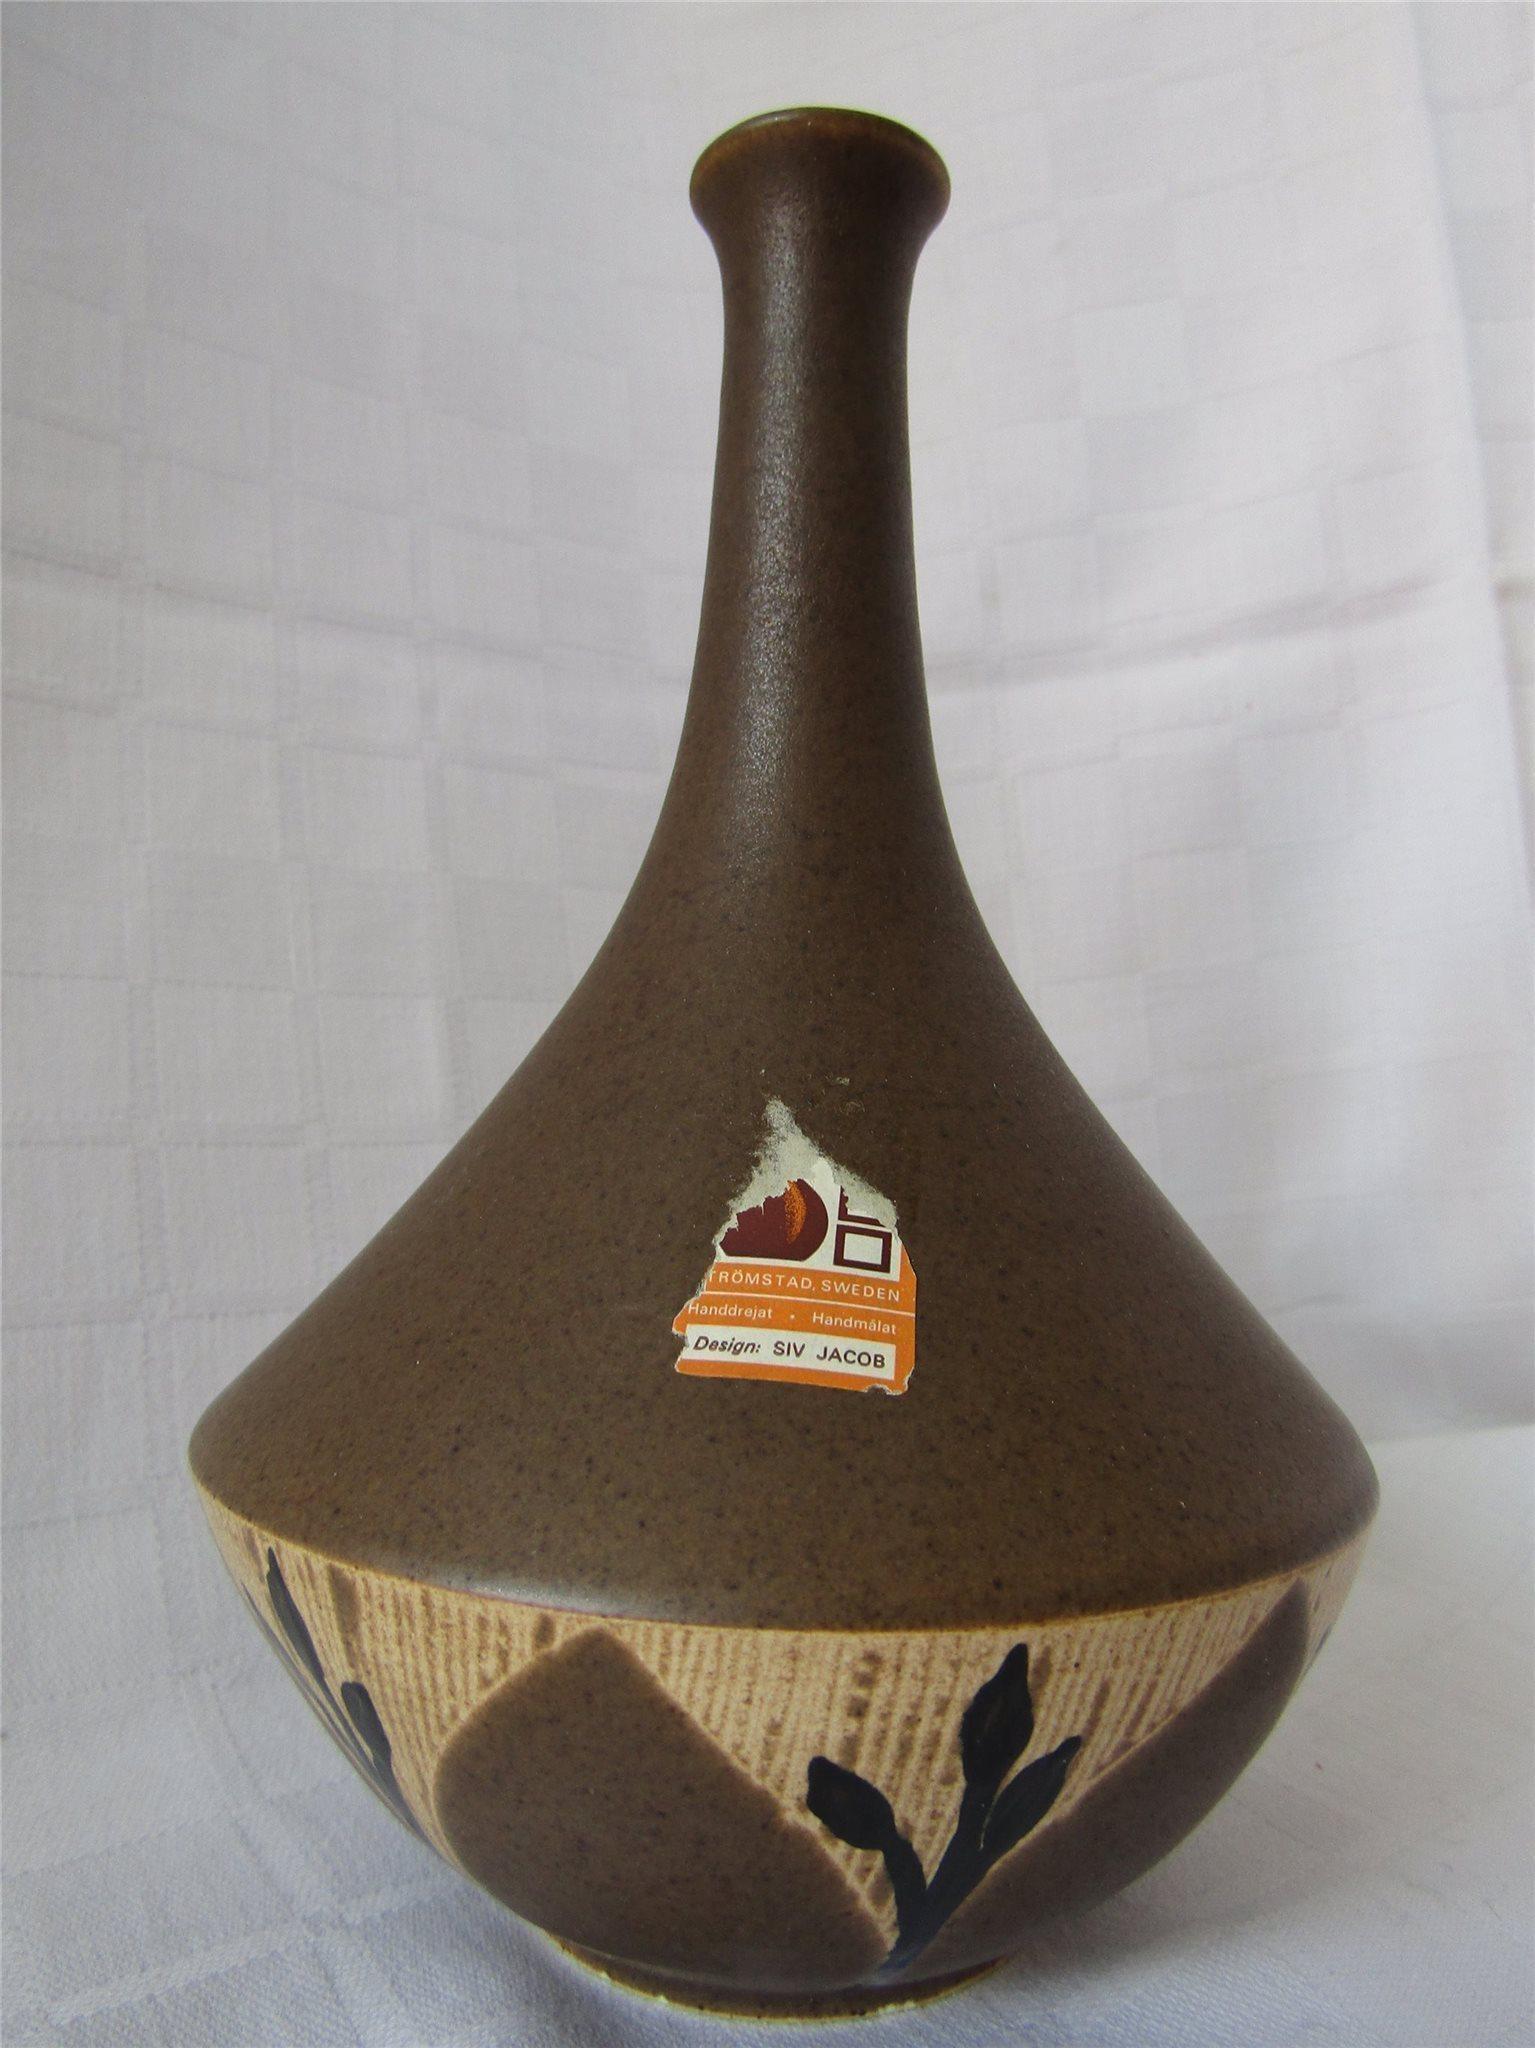 syco keramik vas